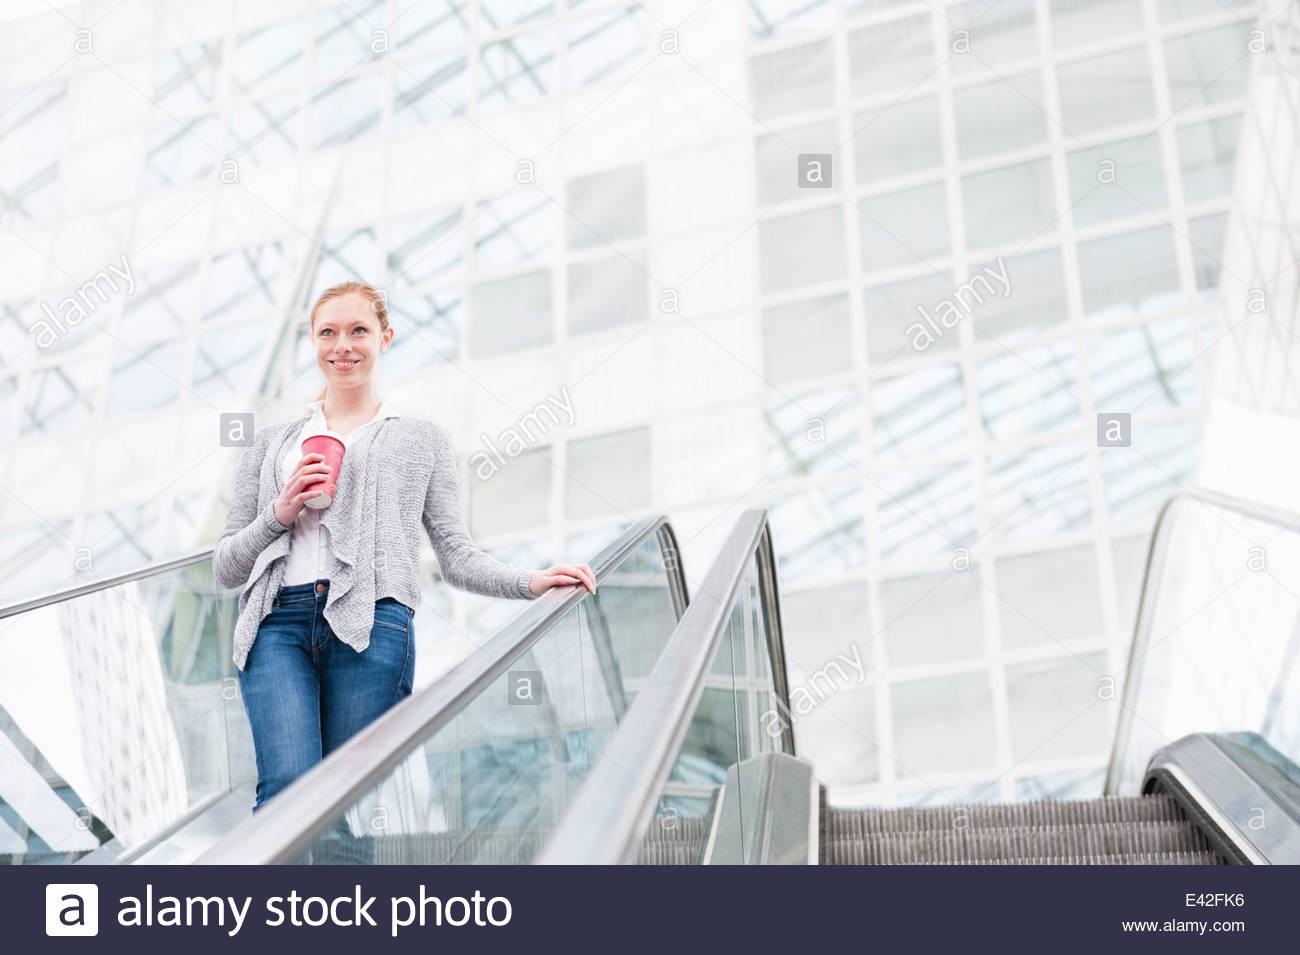 Giovane donna si sta spostando verso il basso escalator con caffè da asporto Immagini Stock